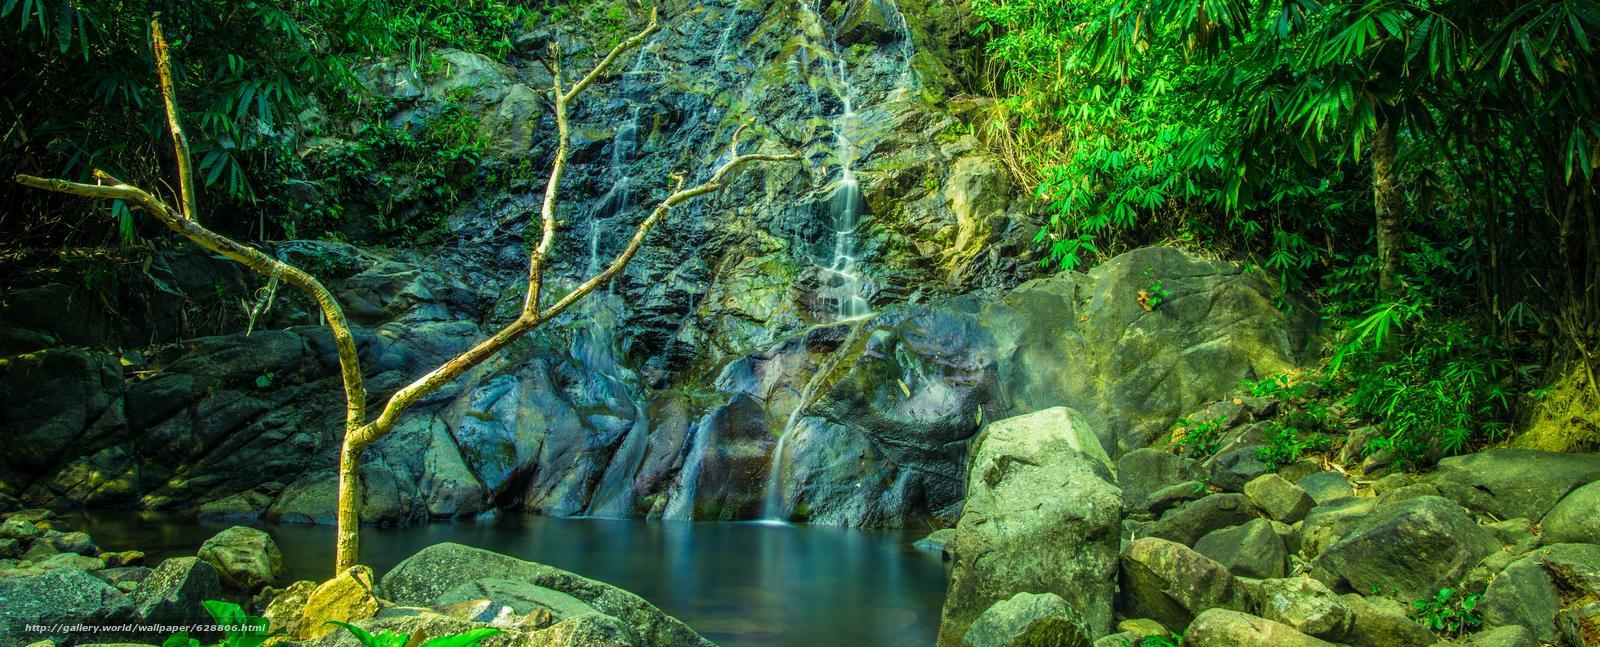 Download hintergrund rocks steine wasserfall teich for Steine teich